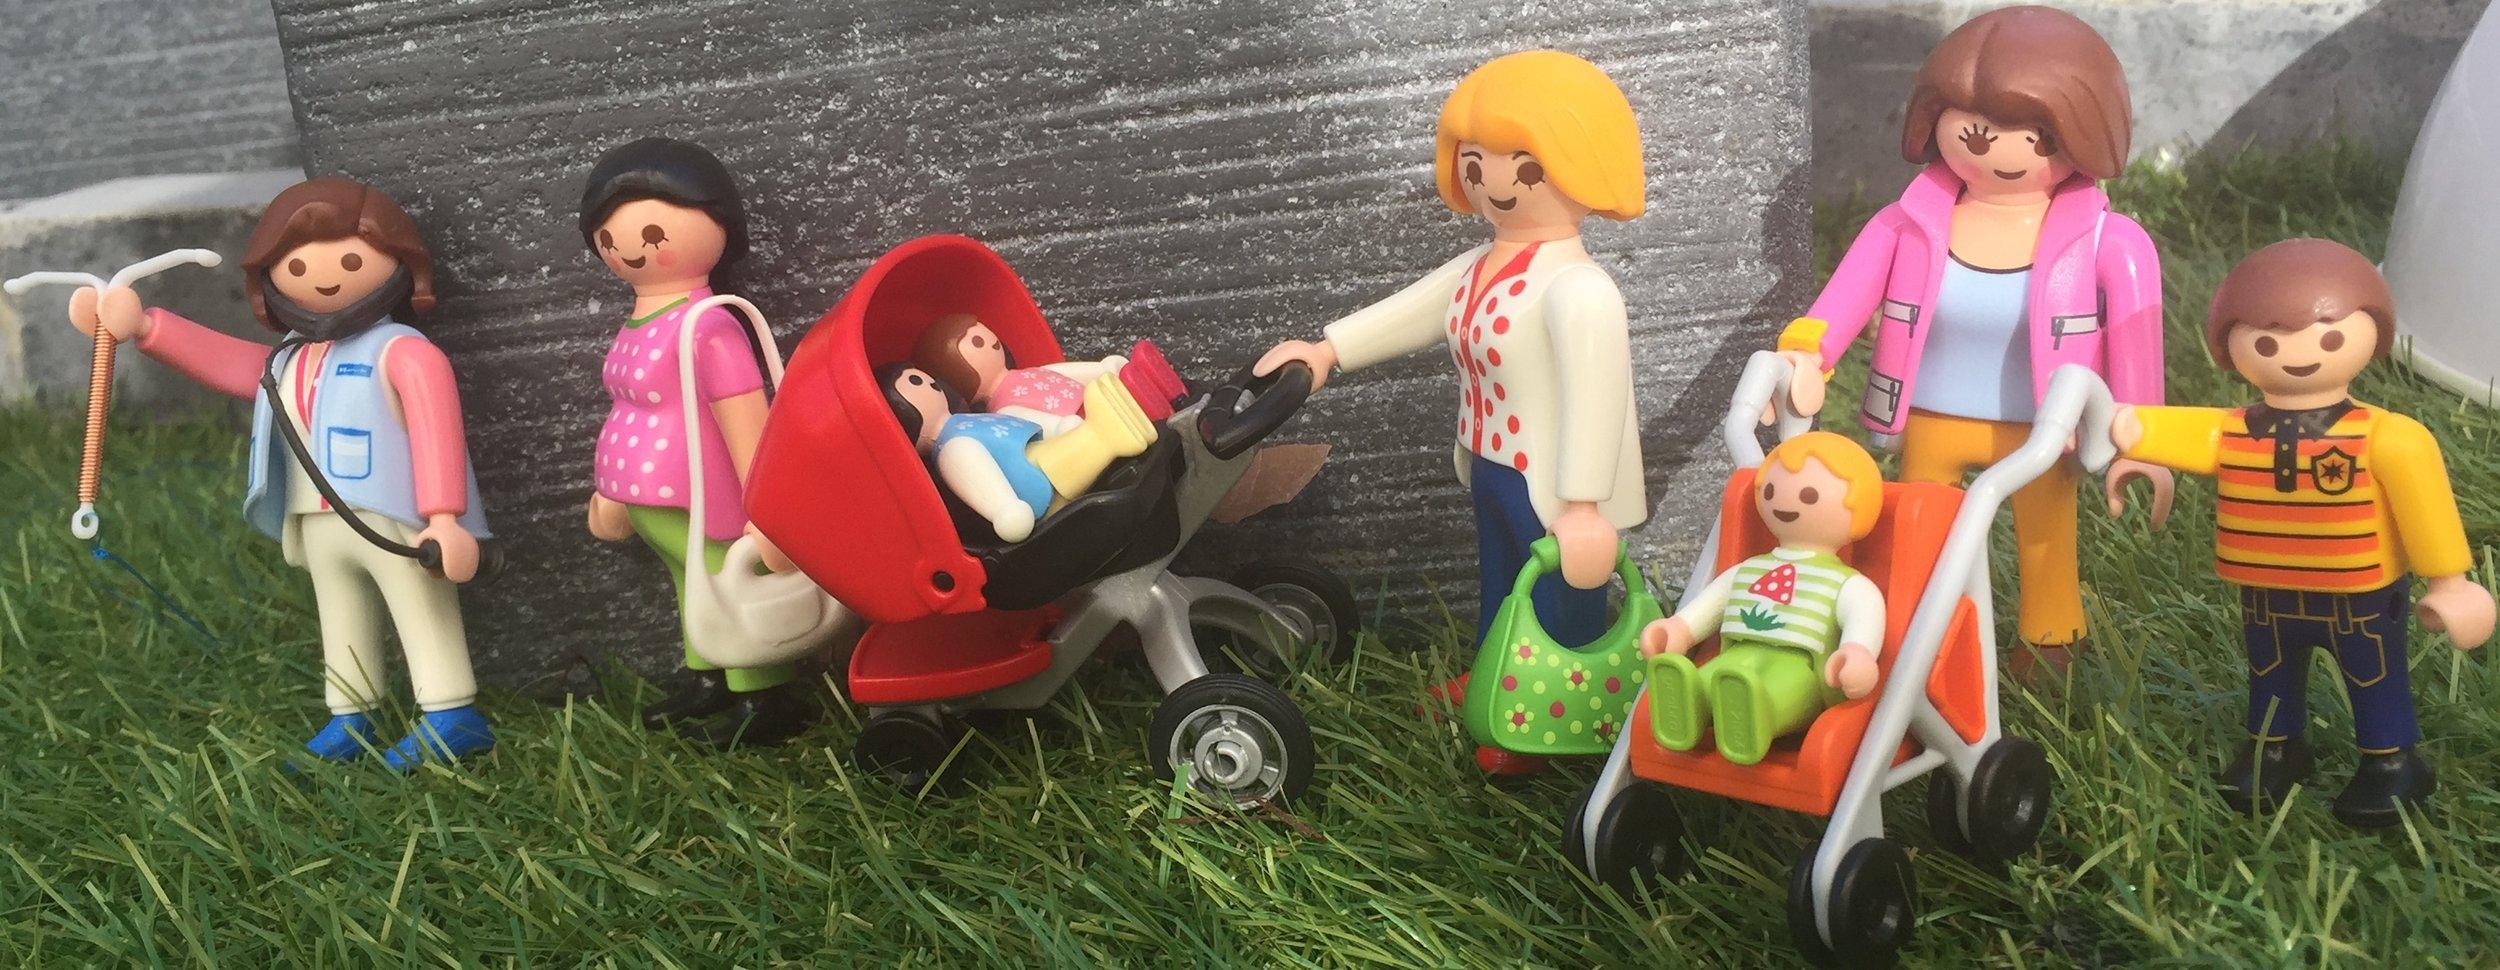 Playmobil avec poussettes et enfants